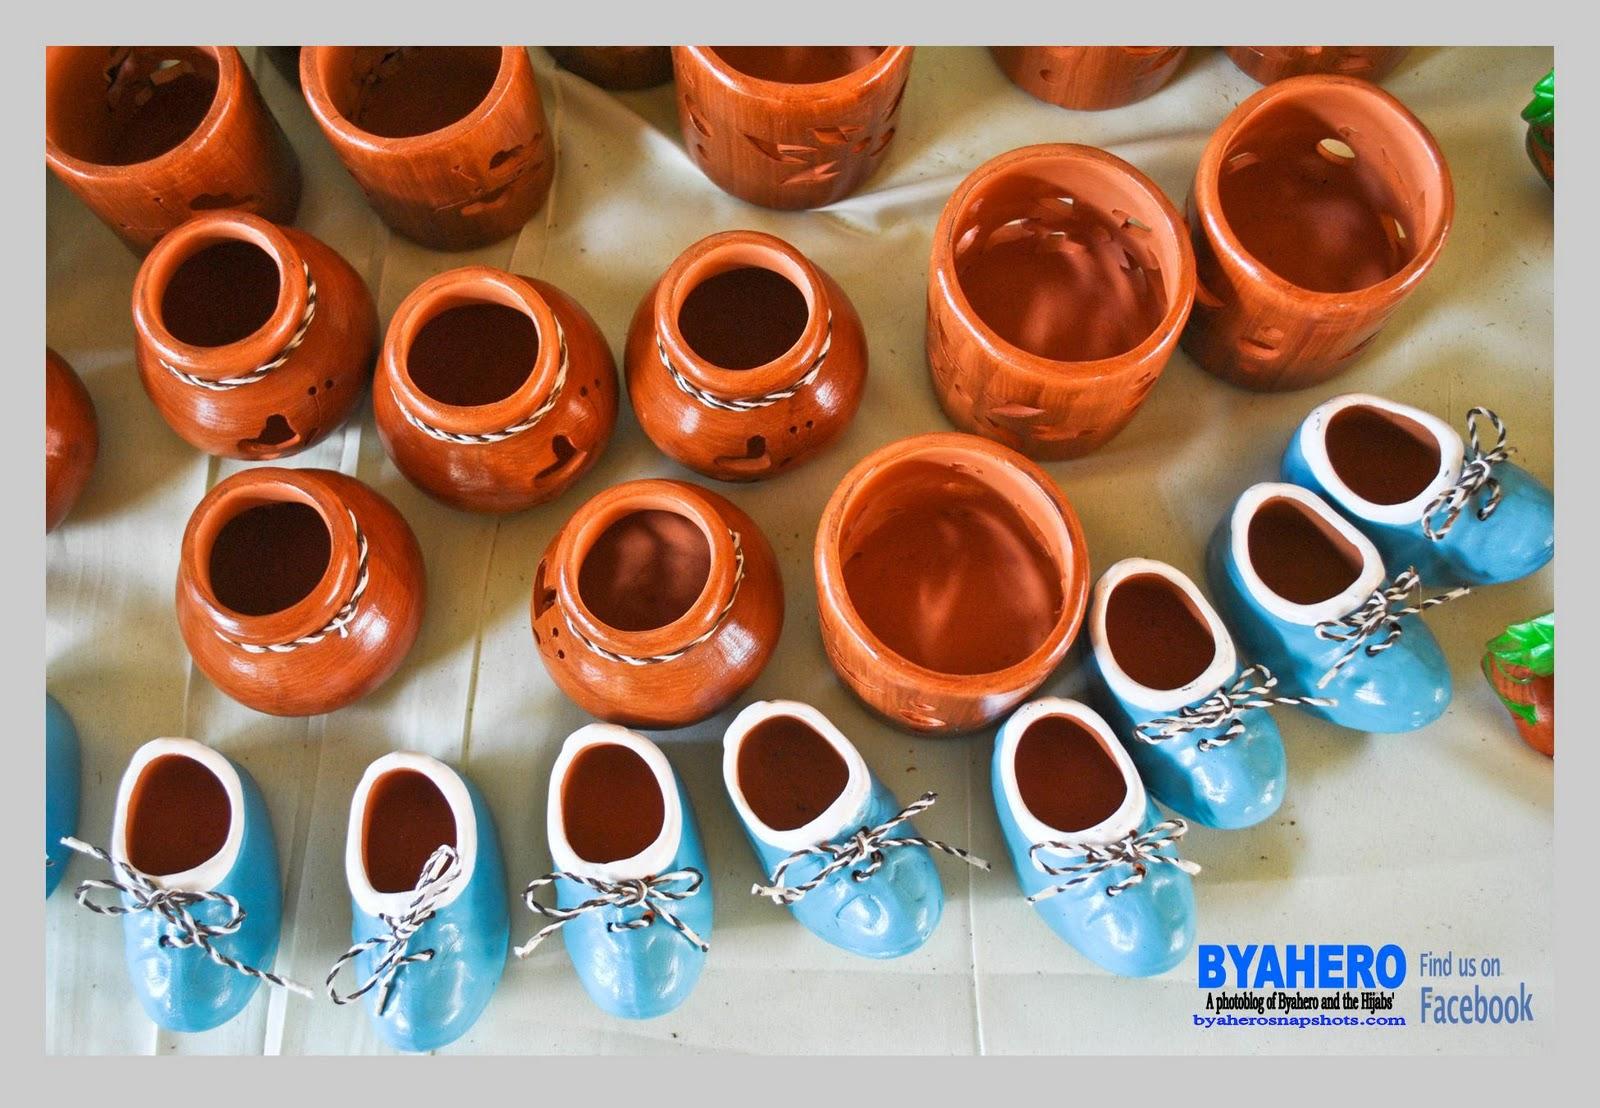 Byahero Pottery Industry In Tiwi Albay